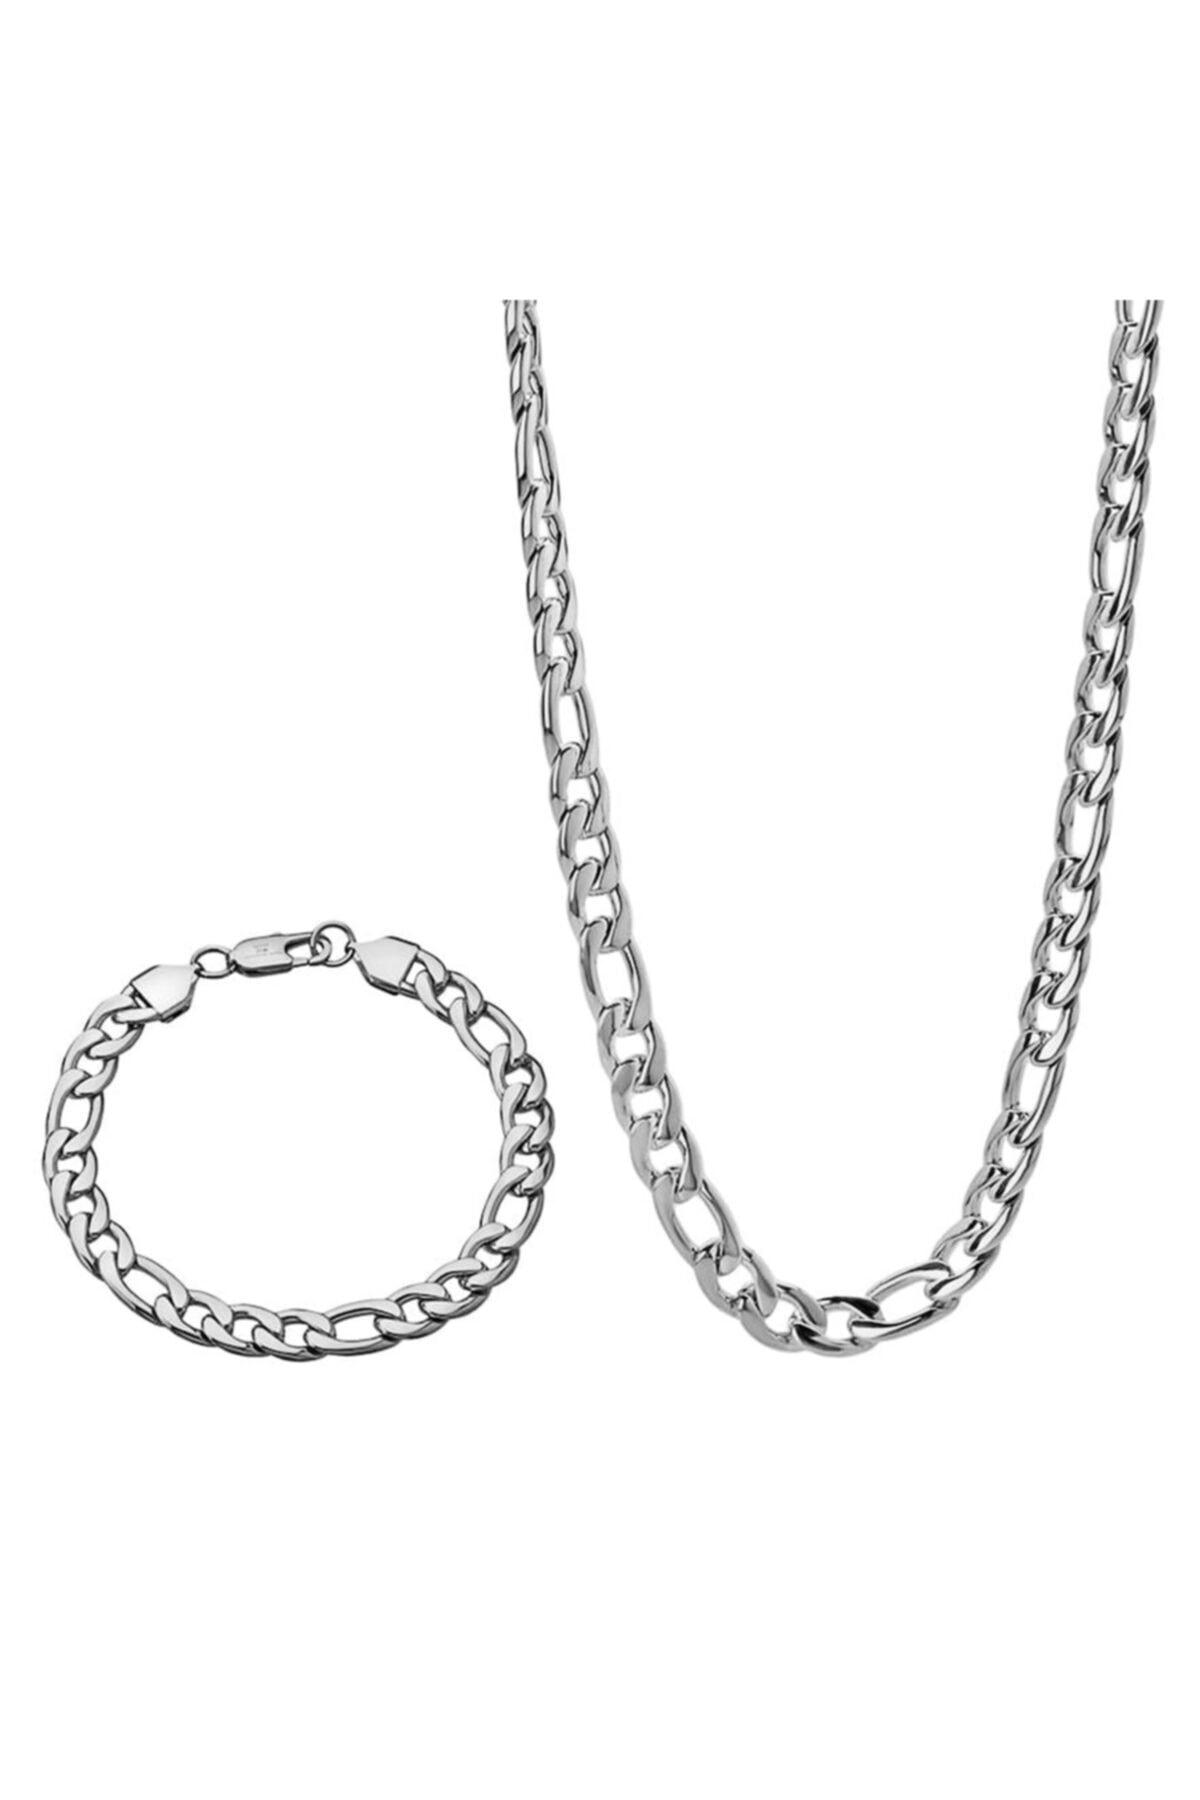 Encili Silver 925 Ayar Gümüş Erkek Figaro Zincir Kolye 55 Cm Ve Bileklik Set